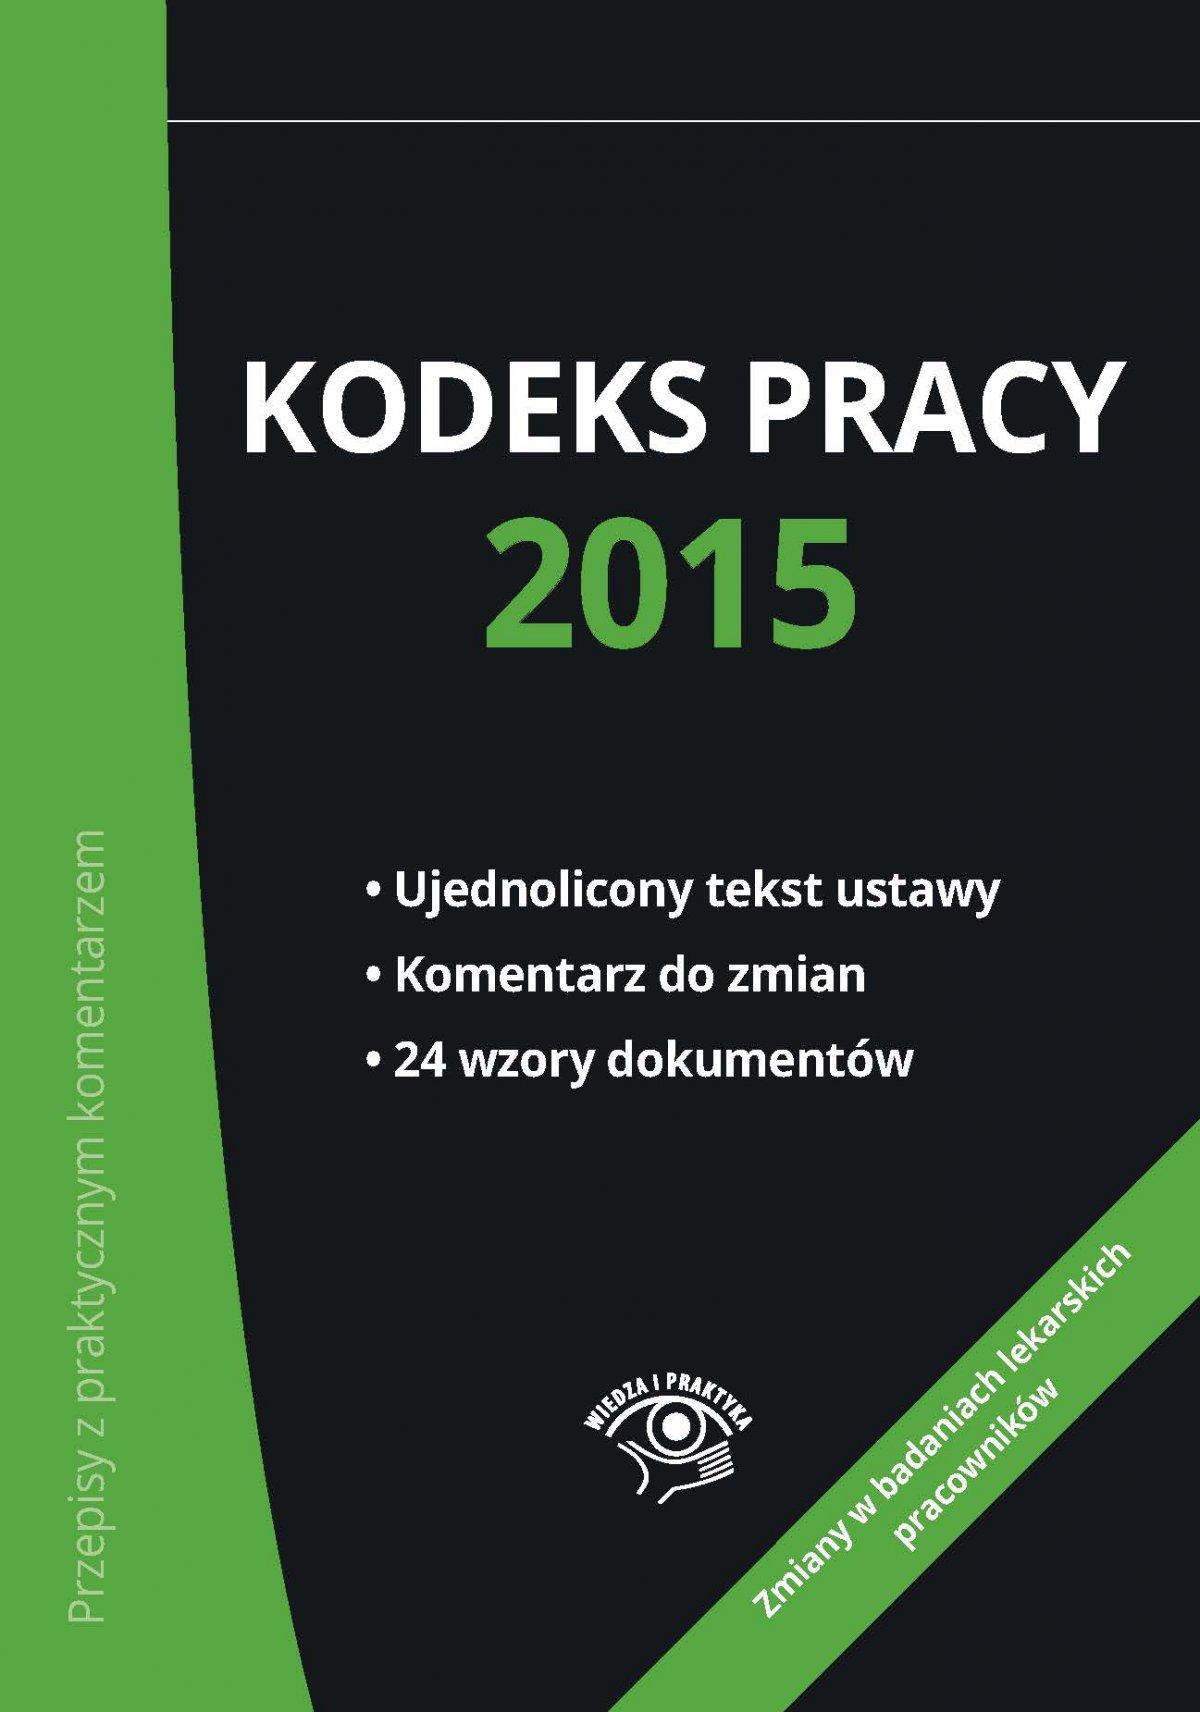 Kodeks pracy 2015 - nowe wydanie - Ebook (Książka PDF) do pobrania w formacie PDF